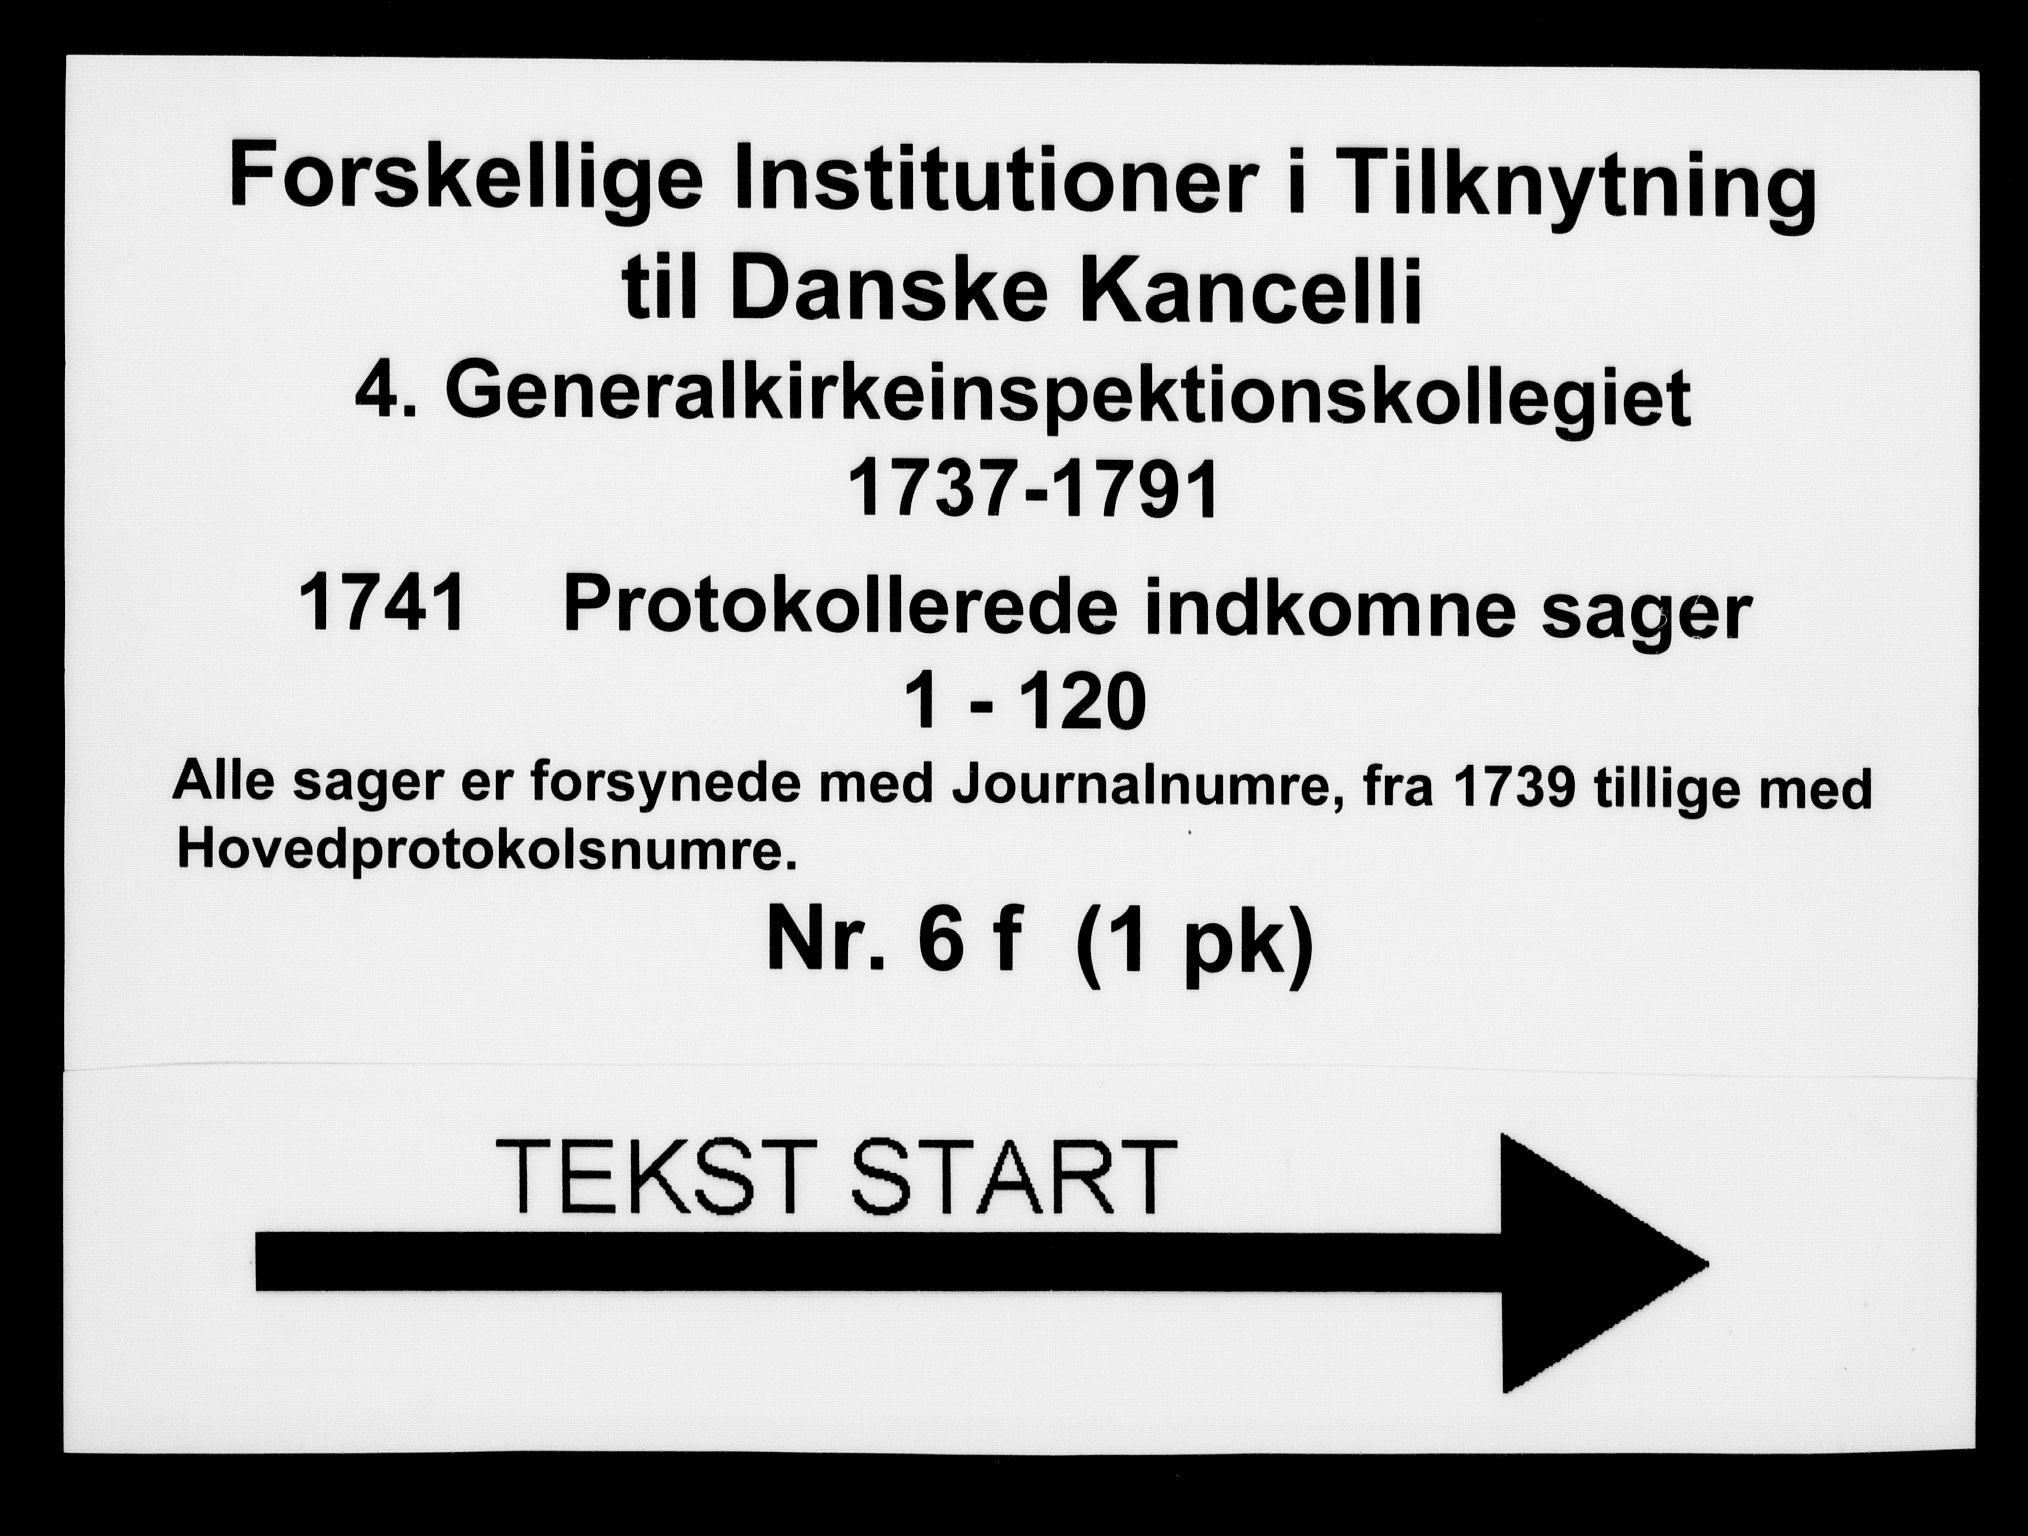 DRA, Generalkirkeinspektionskollegiet, F4-06/F4-06-06: Protokollerede indkomne sager, 1741